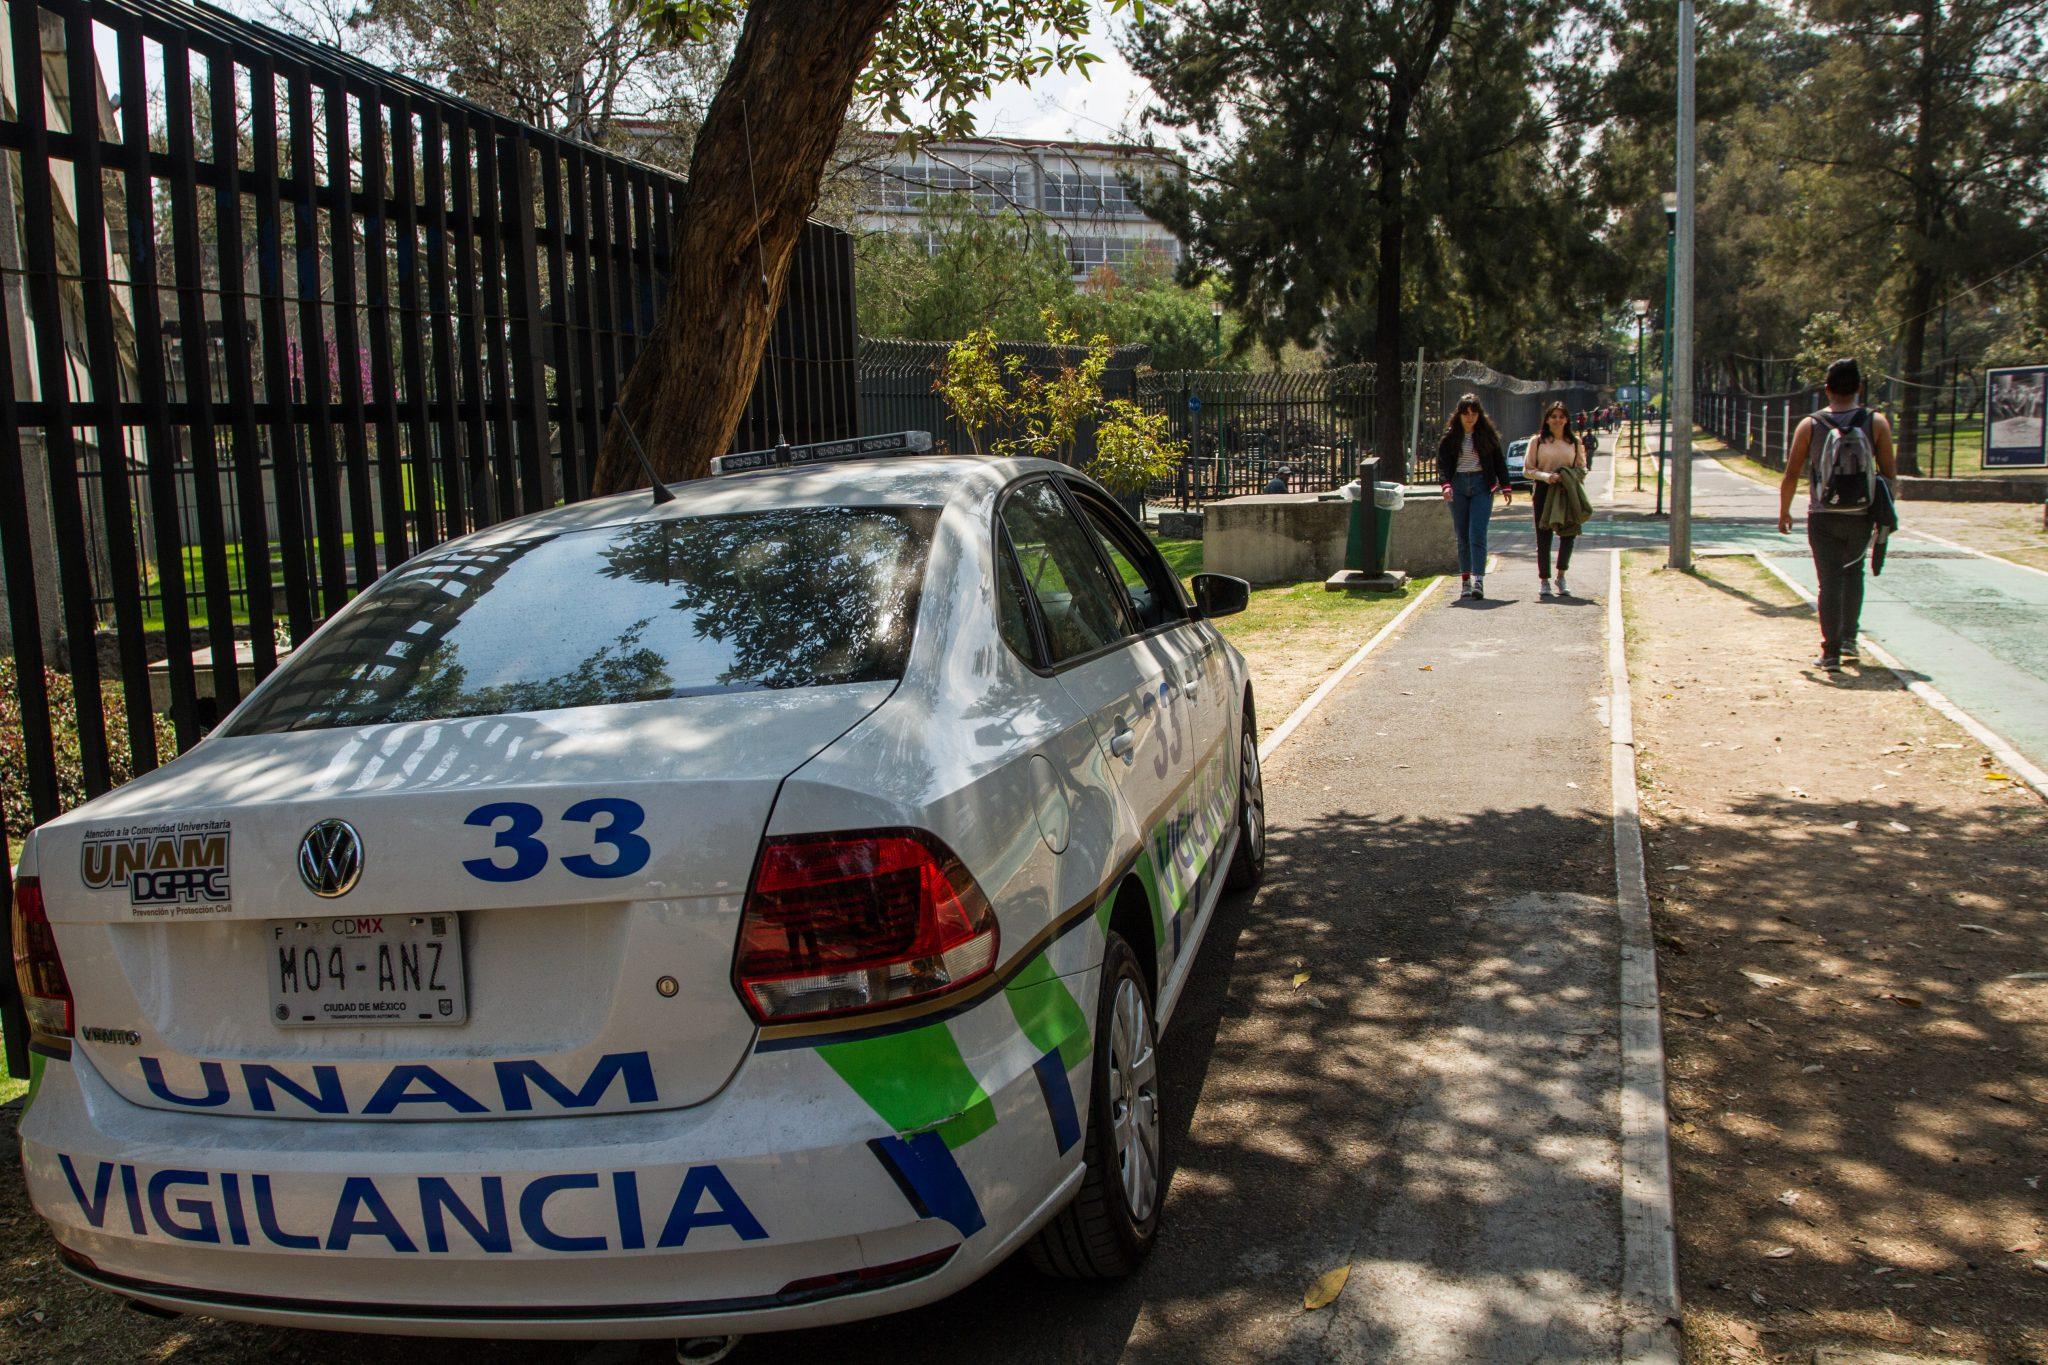 Estudiante de la UNAM denuncia venta de droga y lo amenazan